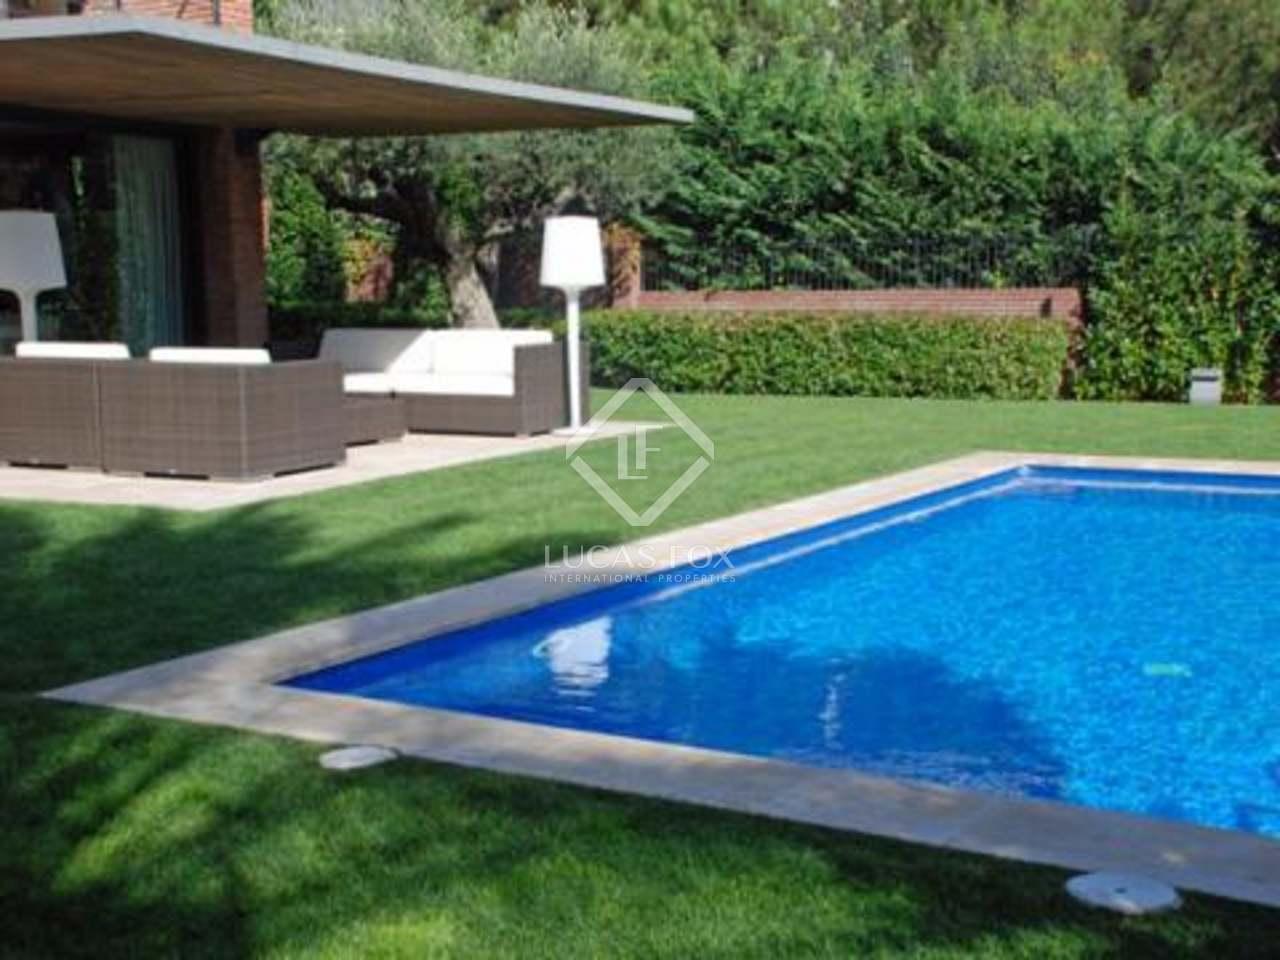 Maison de luxe en vente pedralbes partie haute de for Piscine w barcelone